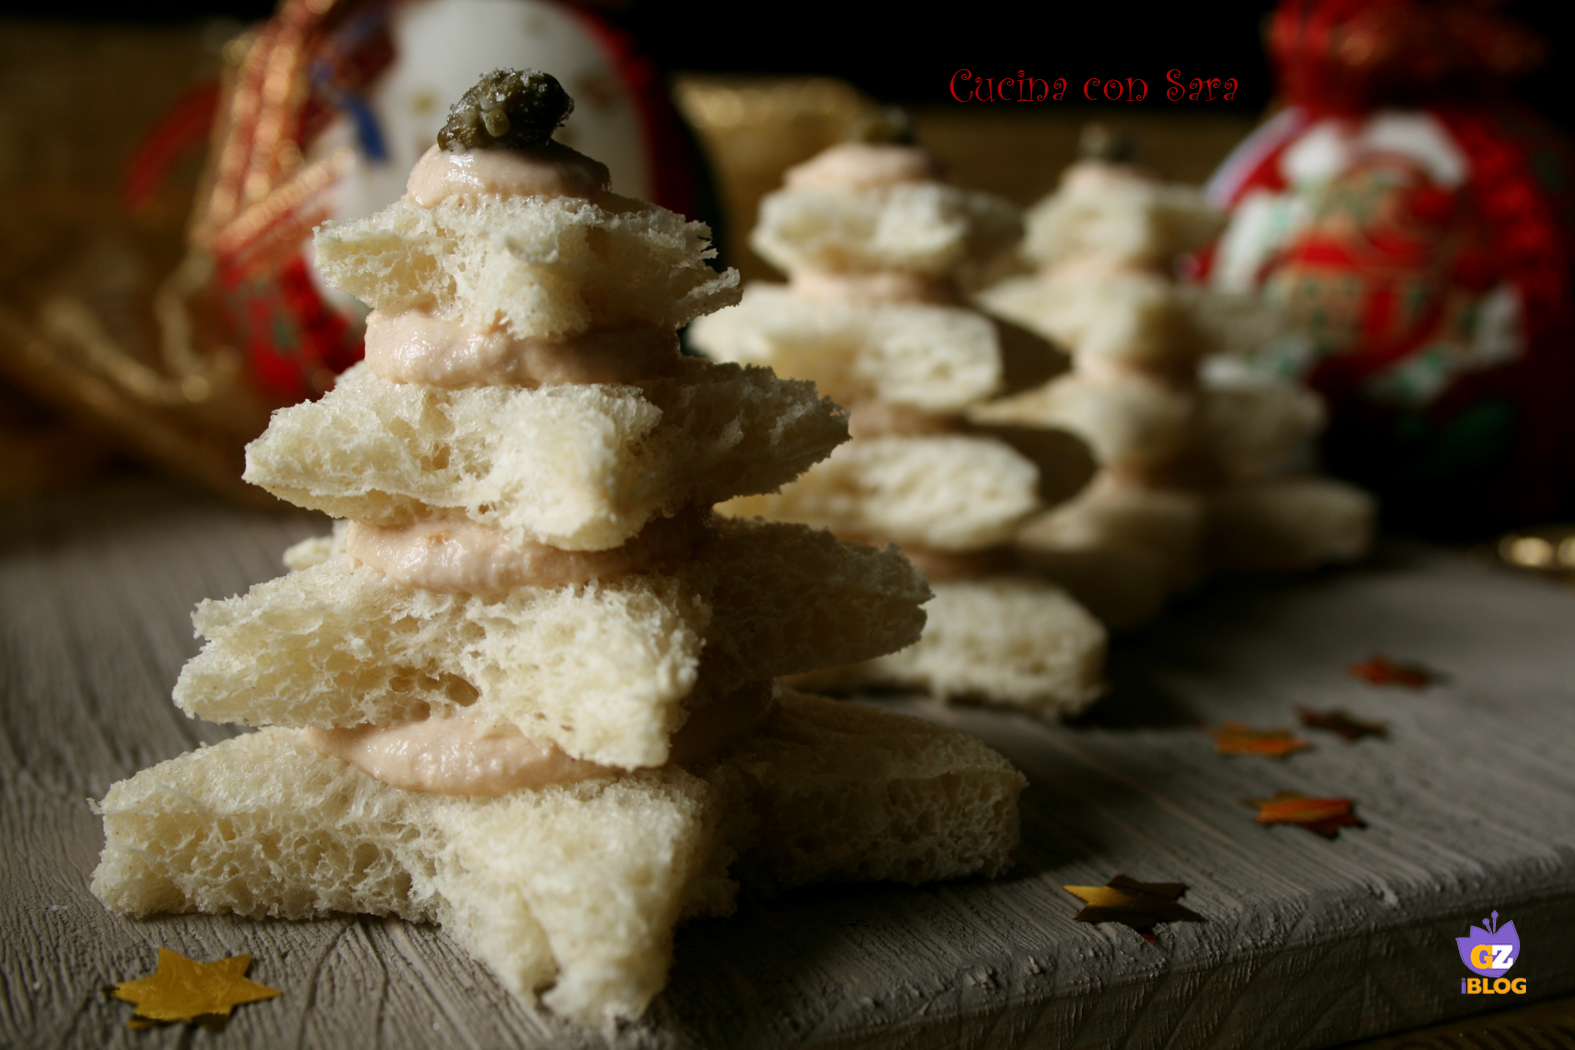 Alberelli di pancarrè farciti, cucina con sara